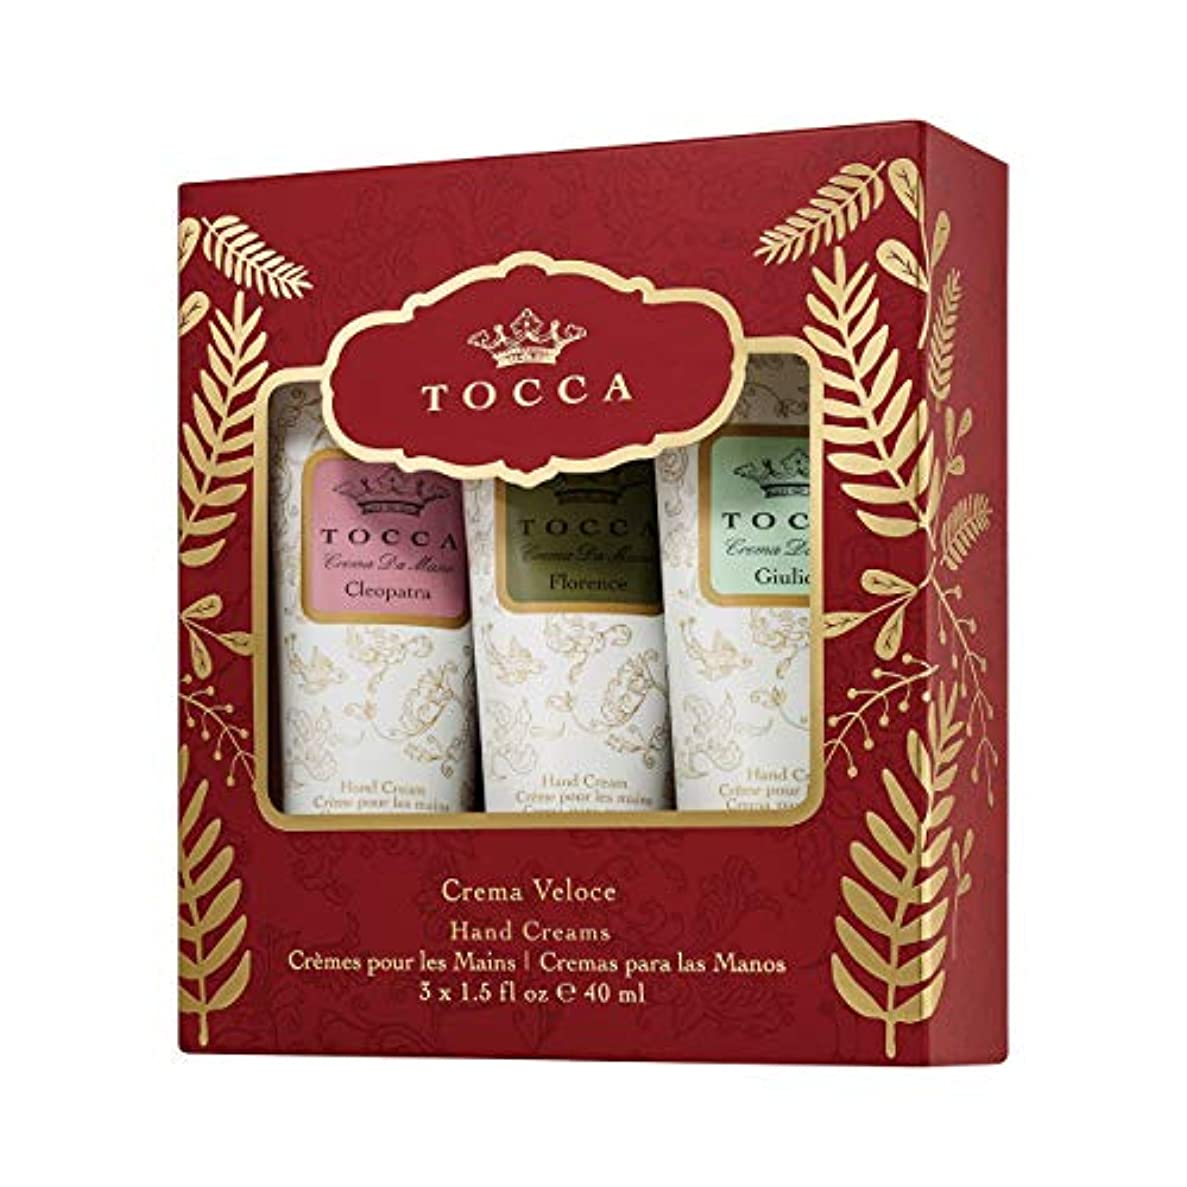 謎の頭の上威信TOCCA クレマヴェローチェパルマ ハンドクリーム3本入った贅沢な贈り物(手指保湿?小分けギフト)